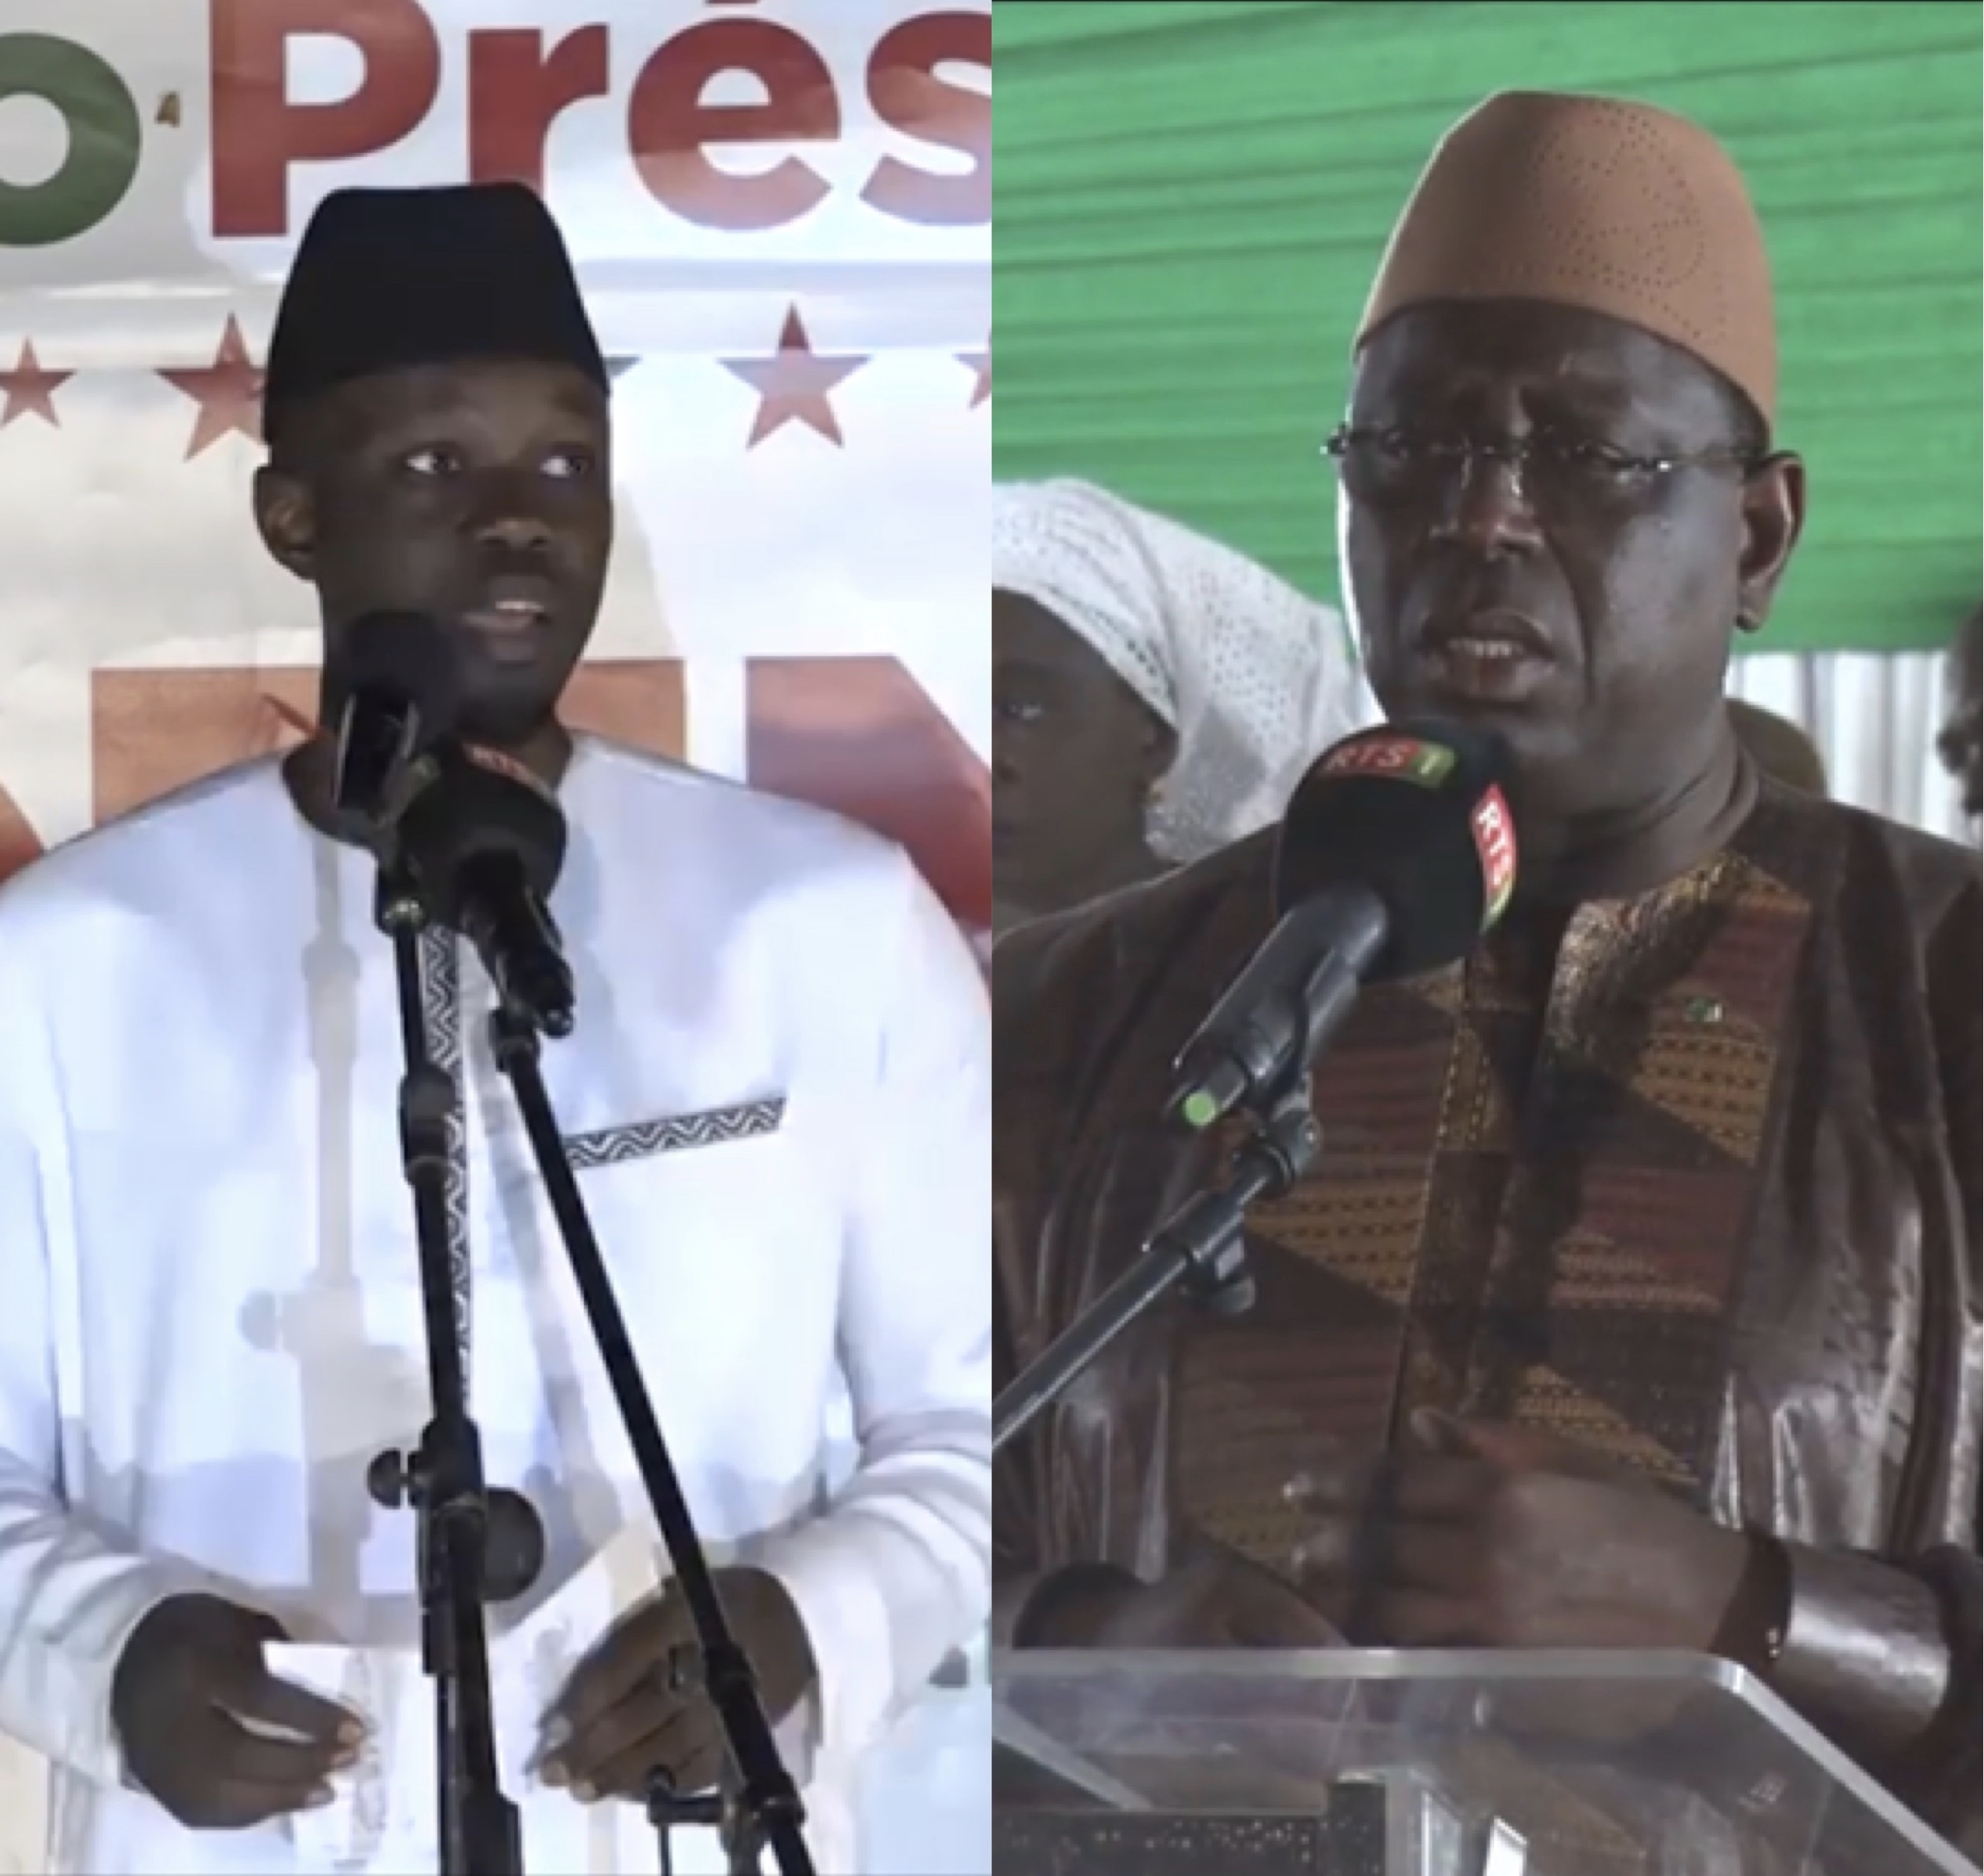 Campagne électorale Jour 5 : Ousmane Sonko gagne le discours panafricaniste et Macky Sall gagne le discours d'influence.